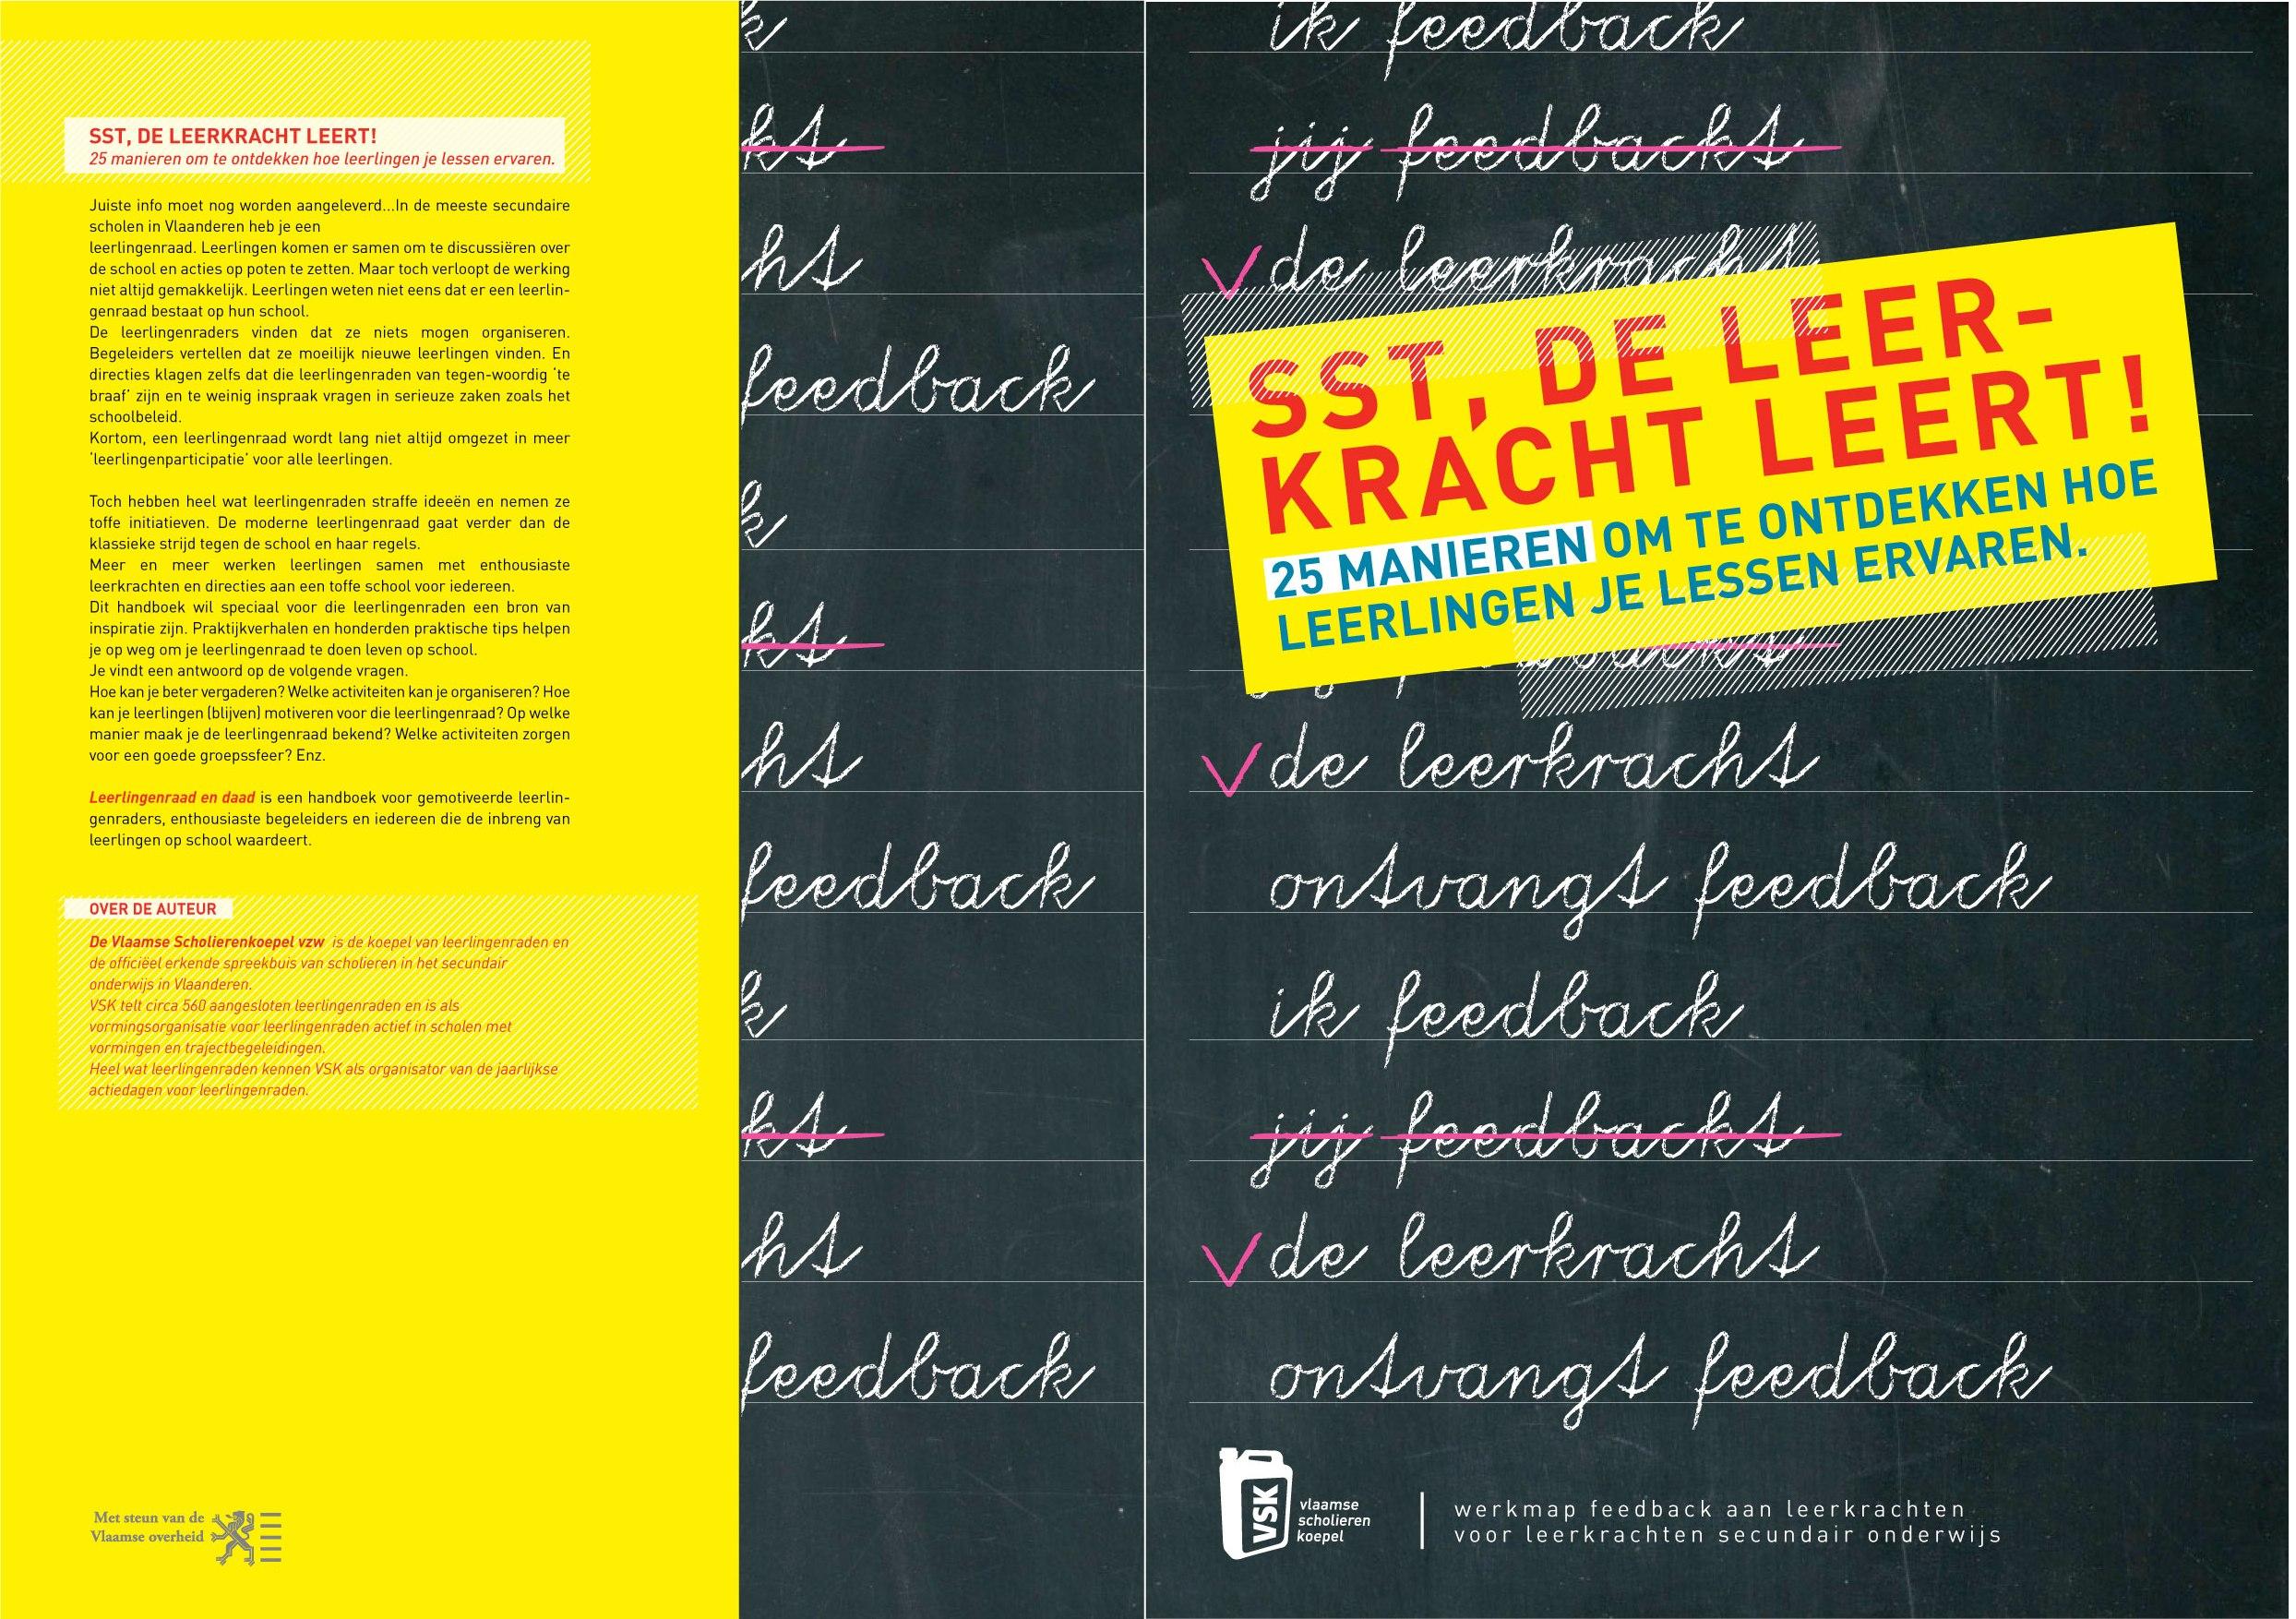 Ongebruikt Werkmap Sst, de leerkracht leert | Vlaamse Scholierenkoepel FY-46